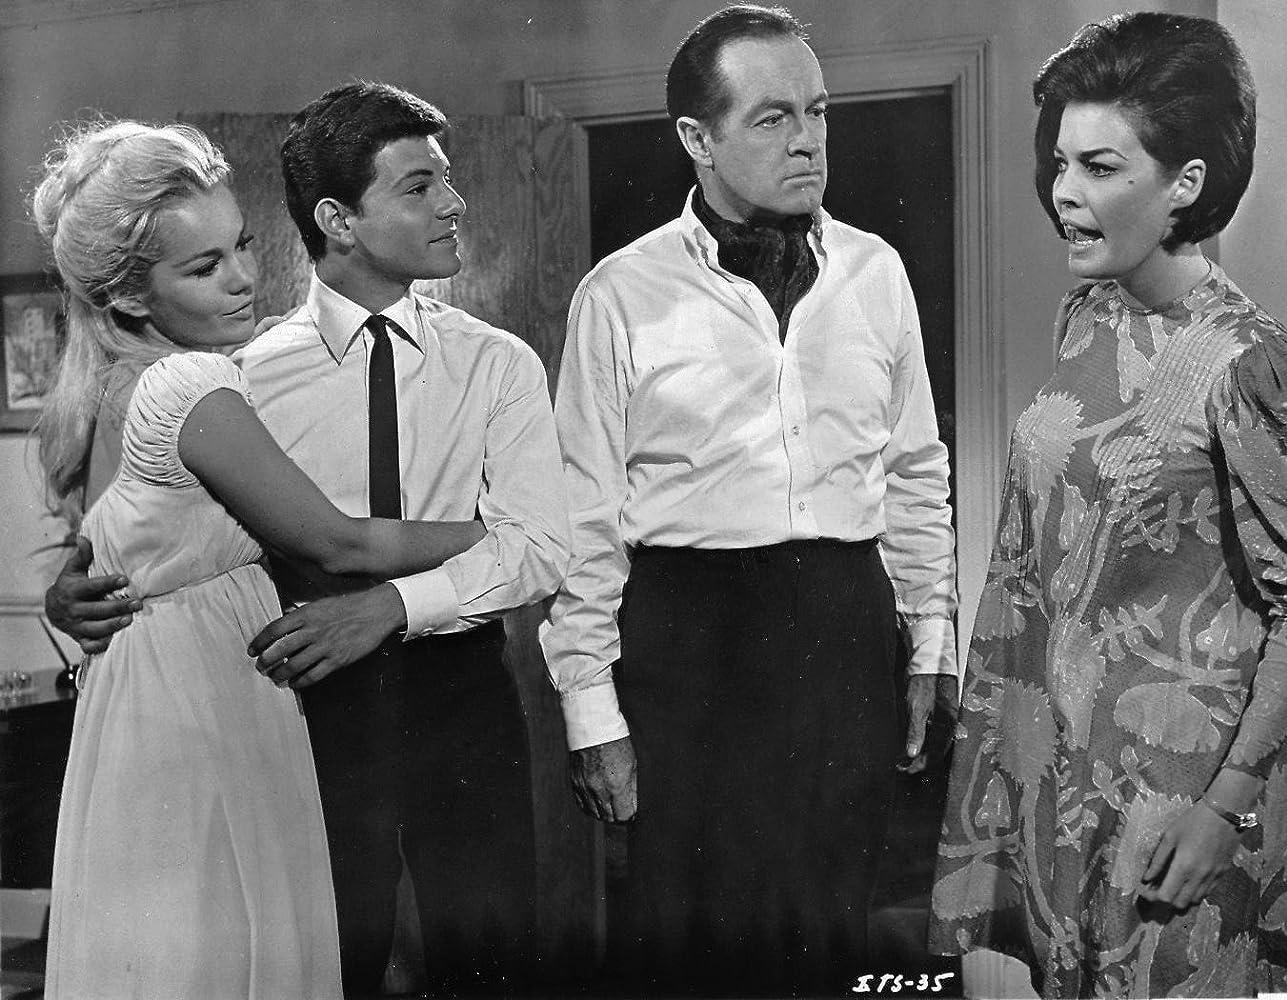 Tuesday Knight,Sheila Mercier (born 1919) Sex clips Rhys Ifans (born 1967),Veda Ann Borg